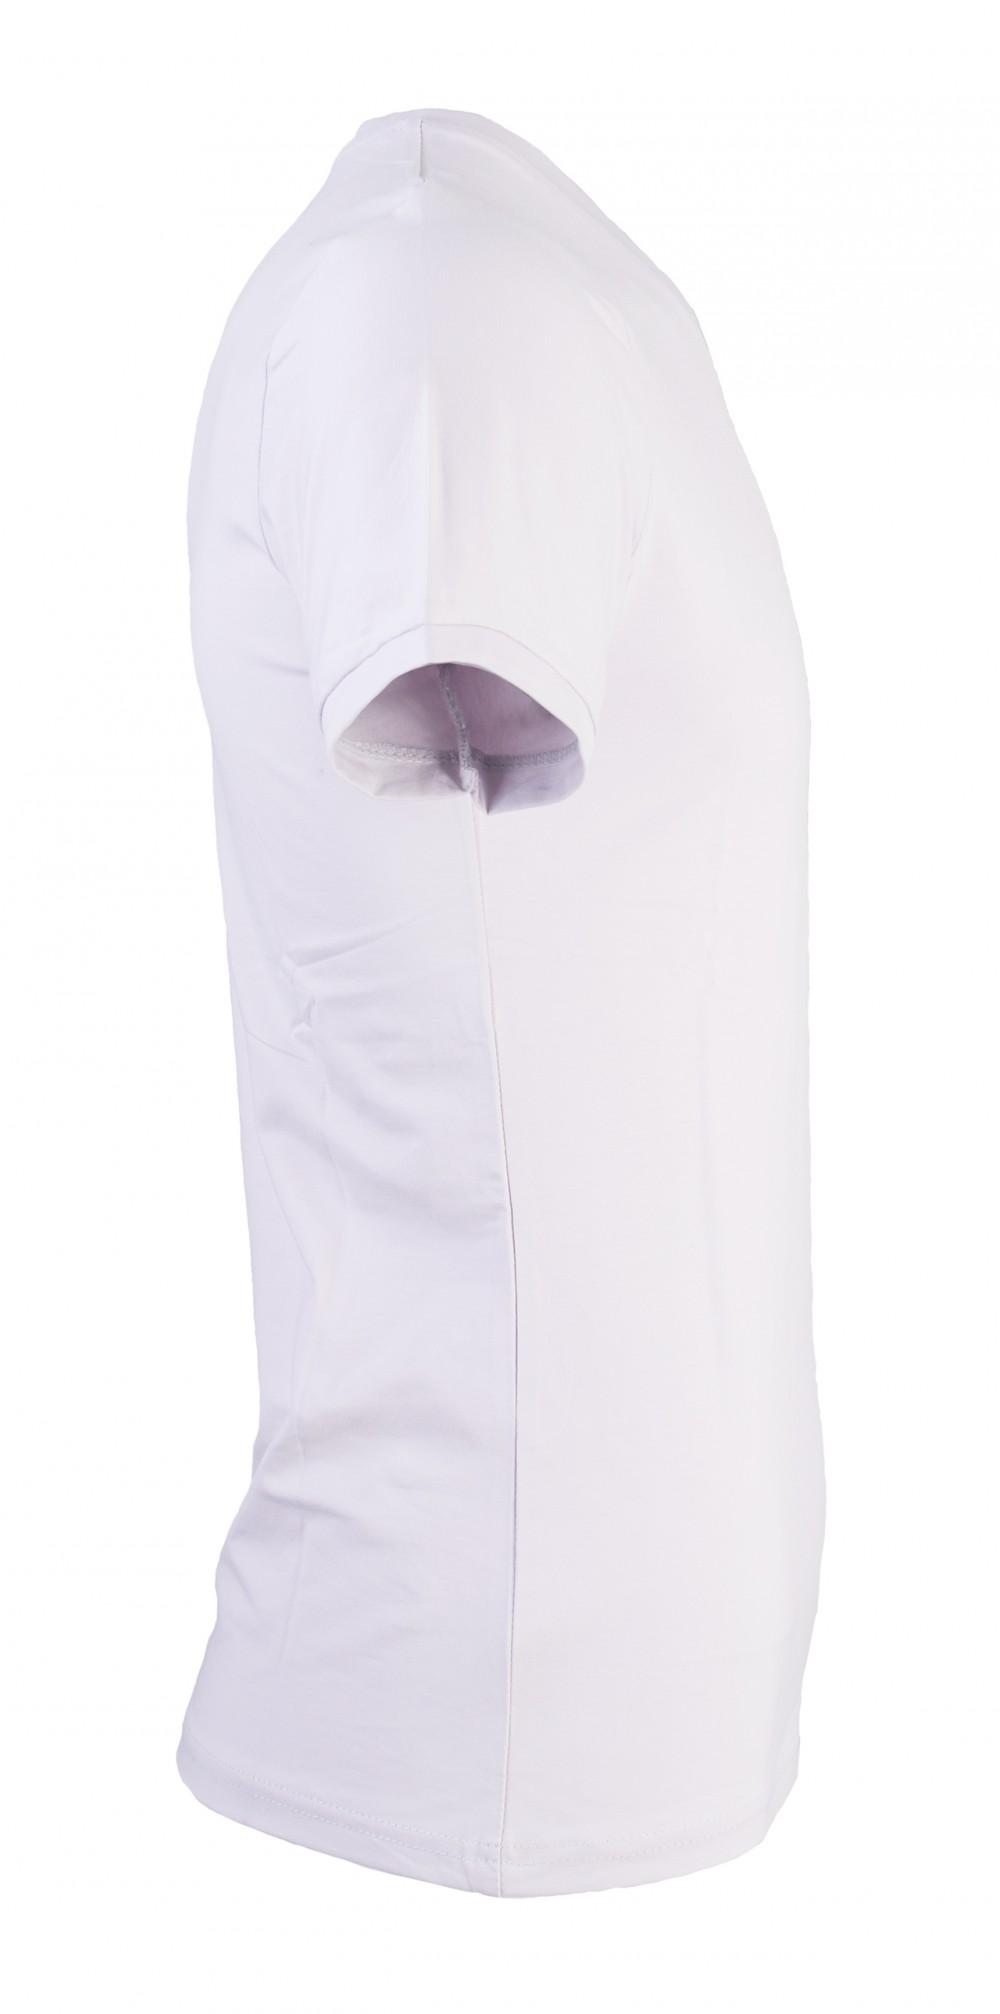 Áo thun cổ tim xám trắng at715 - 3